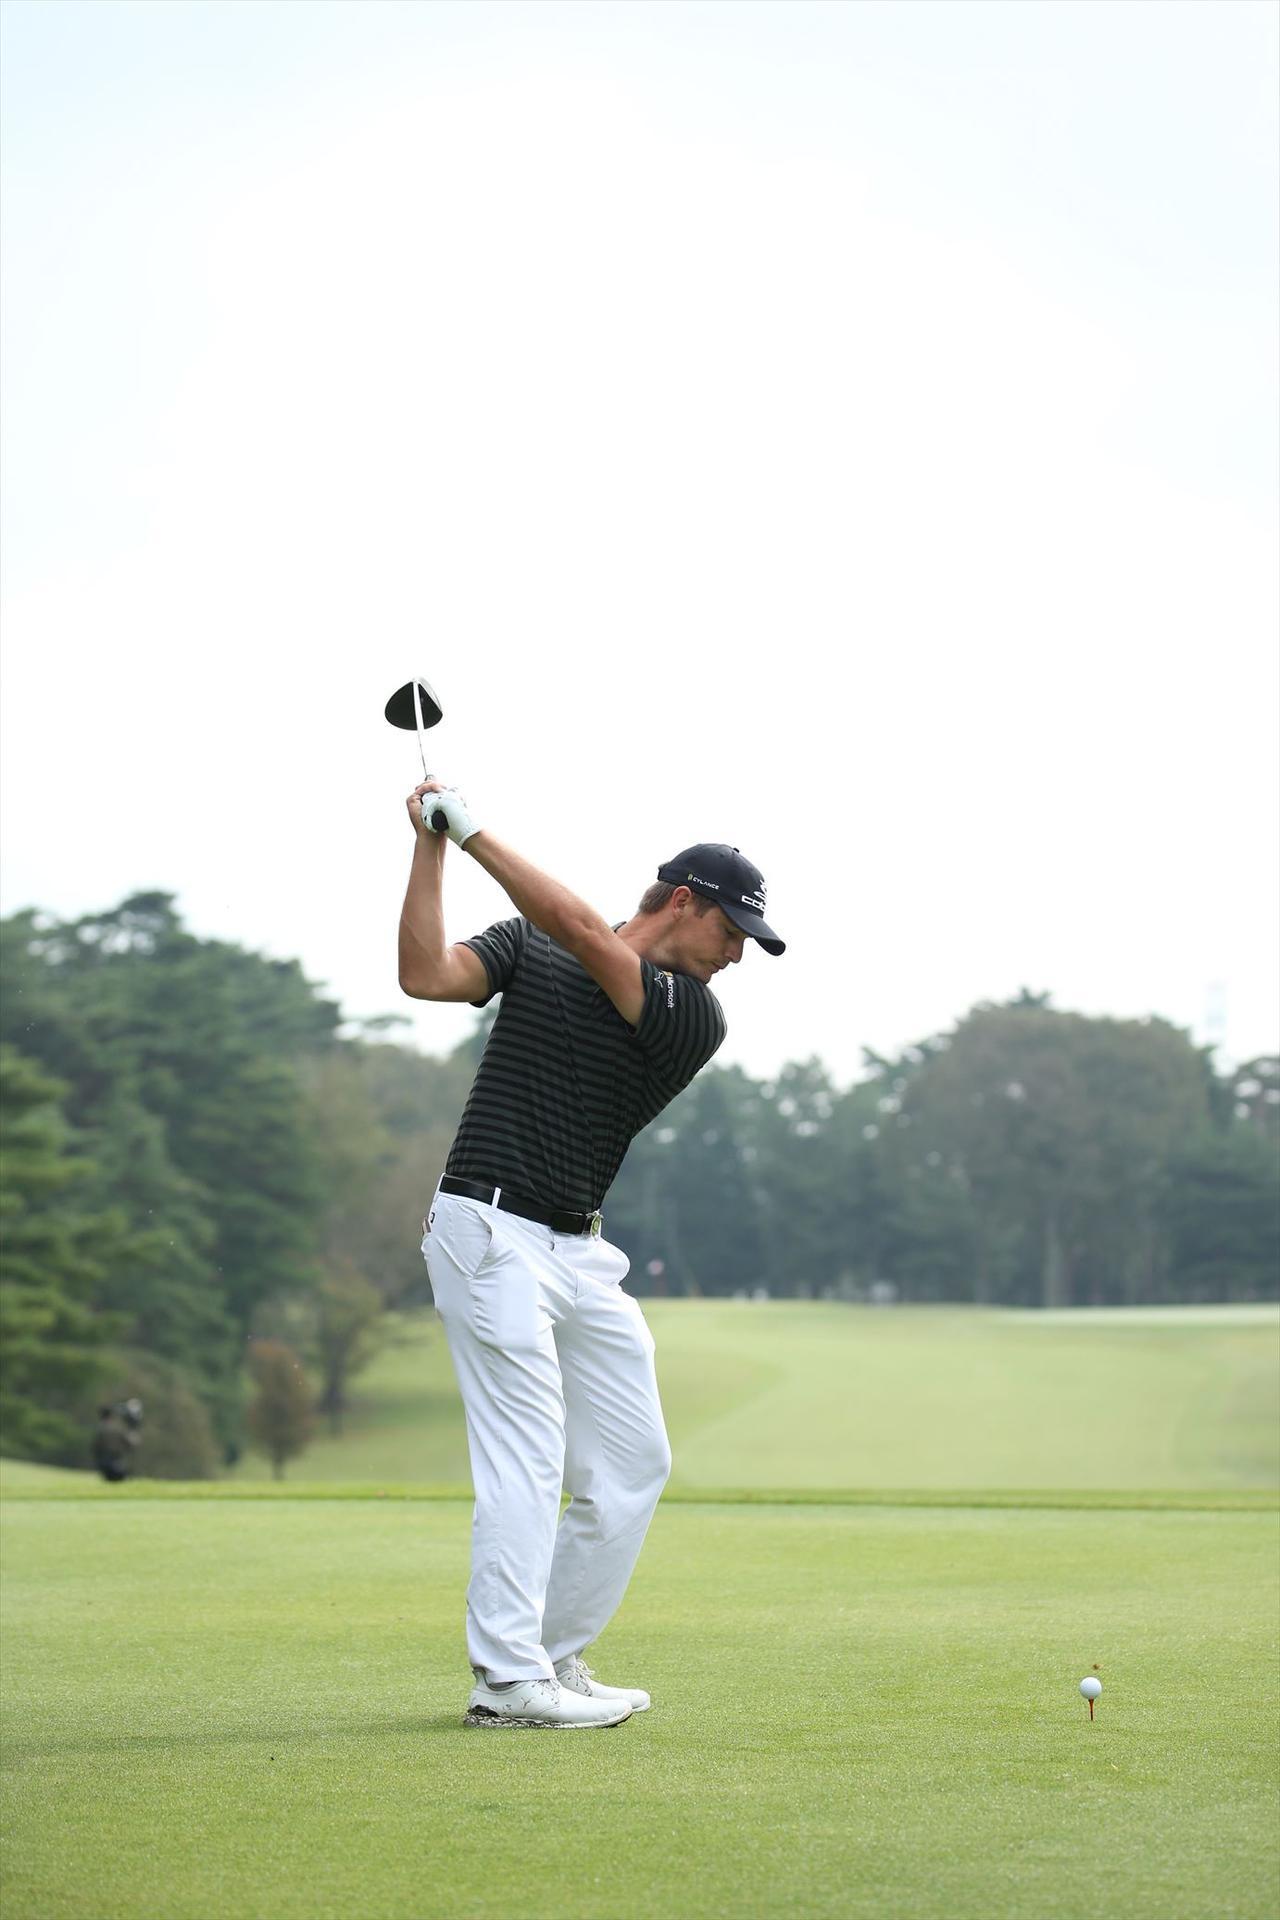 """画像7: ついに勝った「ゴルフの科学者」デシャンボーの""""マシン打ち""""【勝者のスウィング】"""